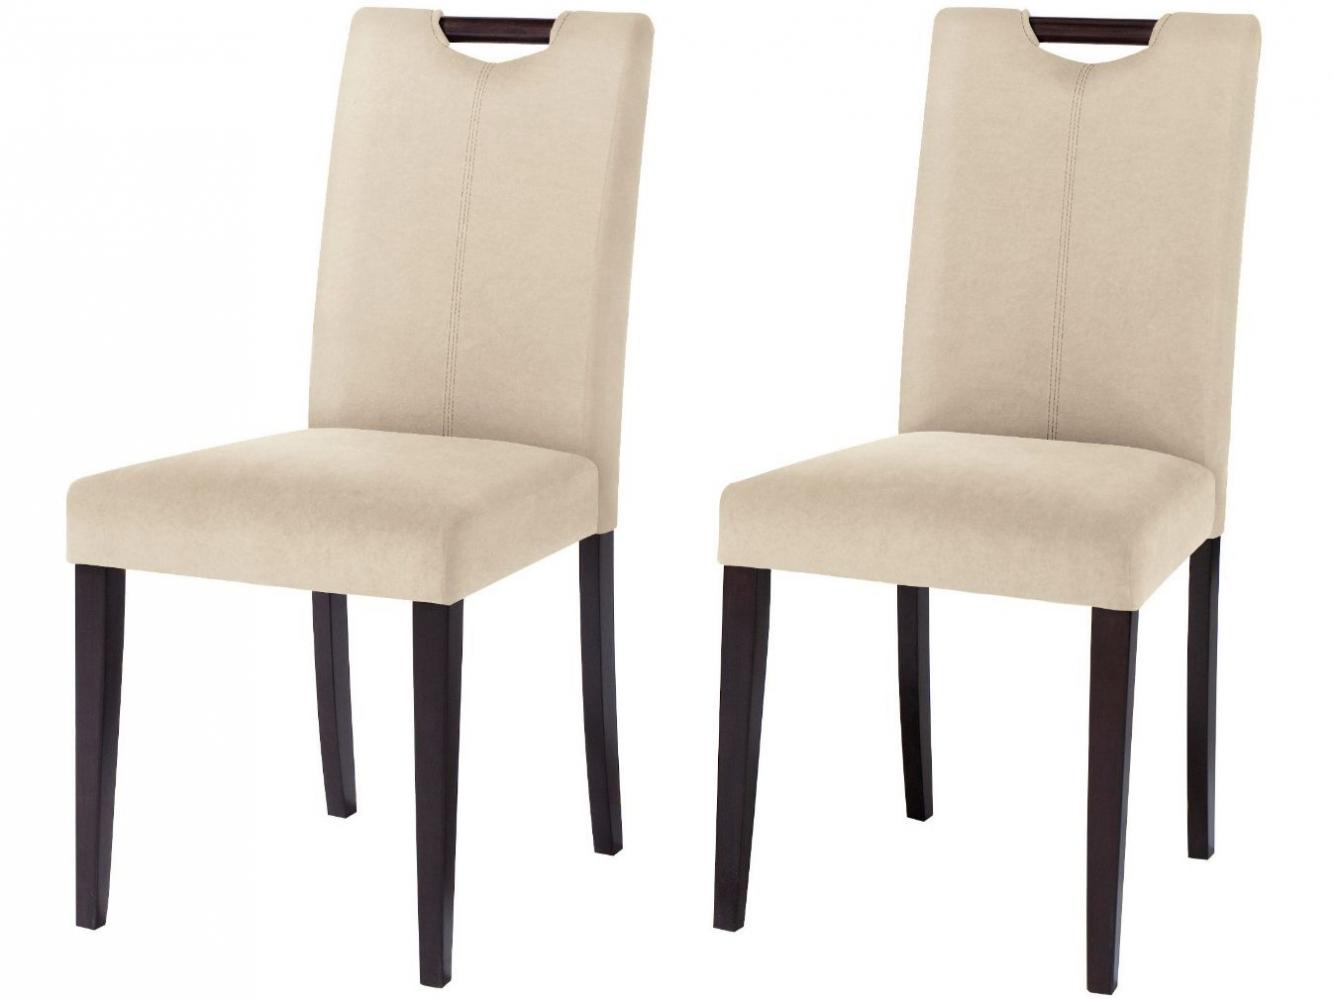 Jídelní židle Curt (SET 2 ks), mikrovlákno, krémová / tmavé dřevo